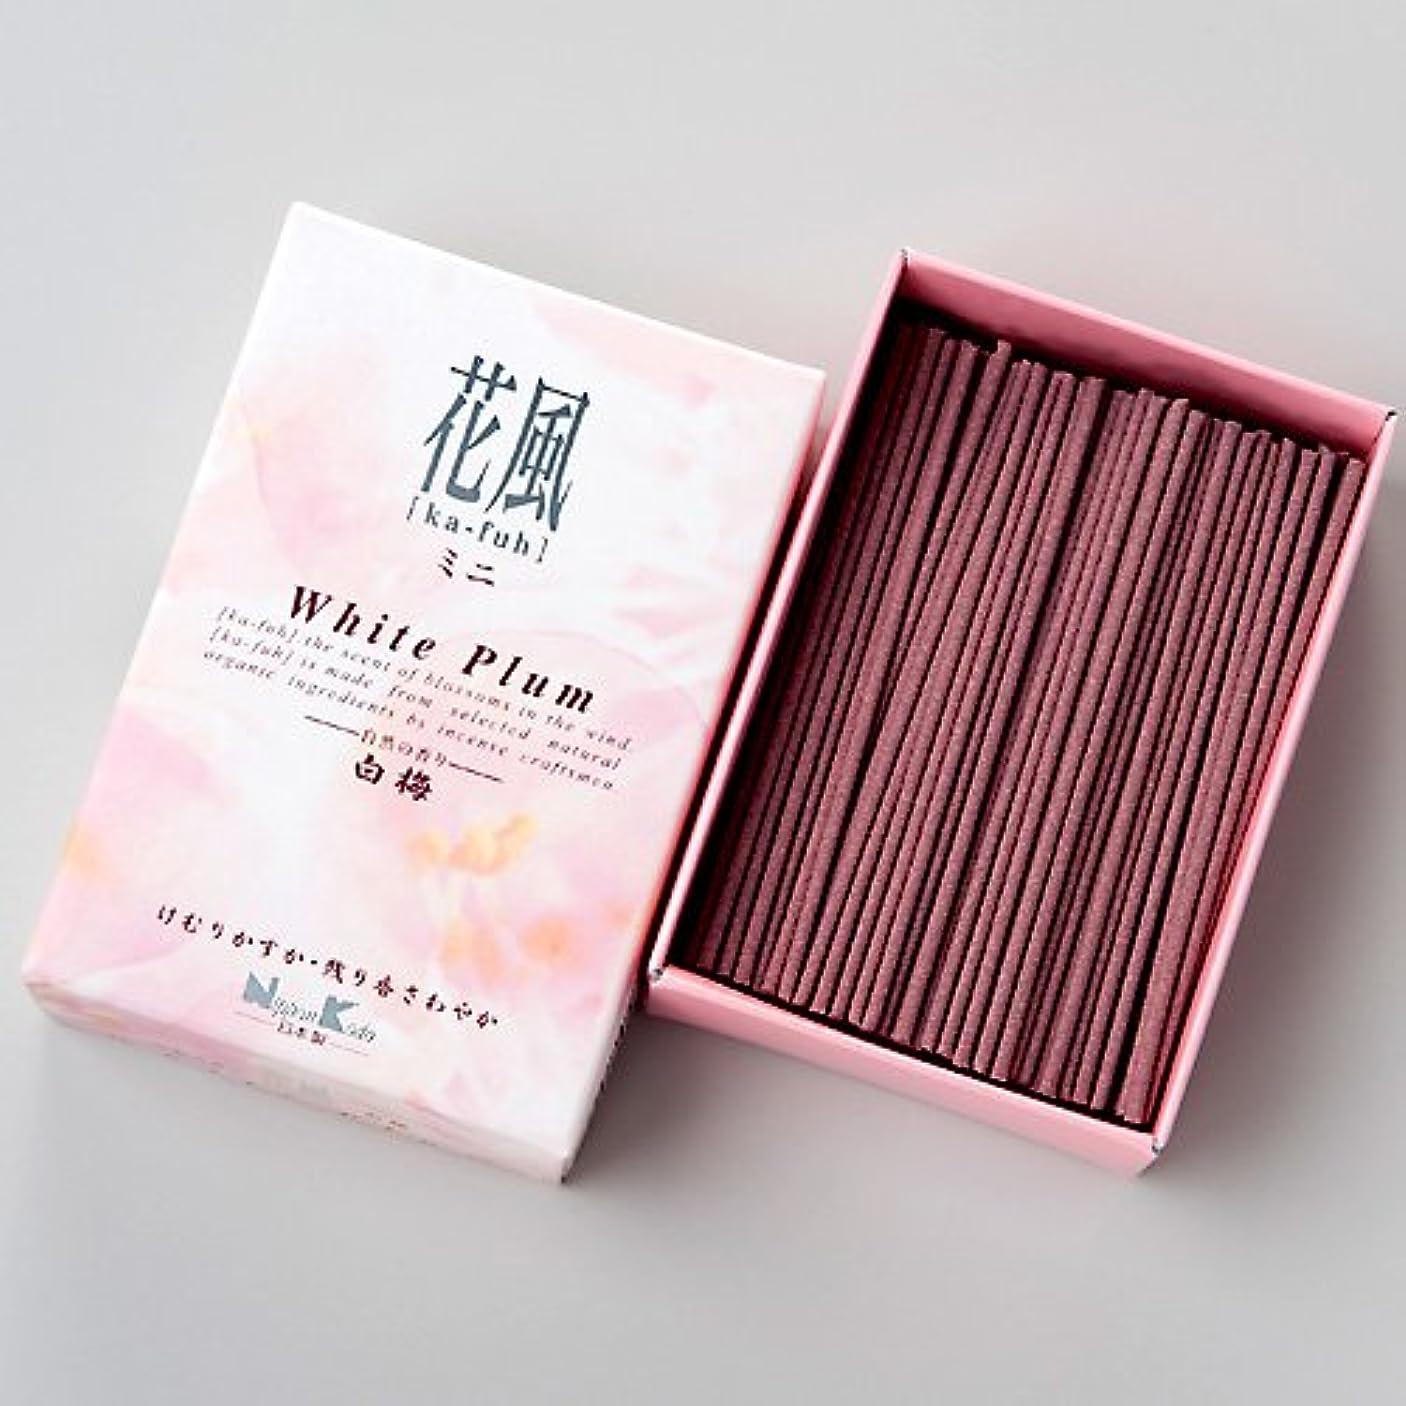 家庭用線香 花風 白梅 ミニ寸(箱寸法10.5×7.2×3.5cm)◆コンパクト仏壇に最適な短いお線香(日本香堂)